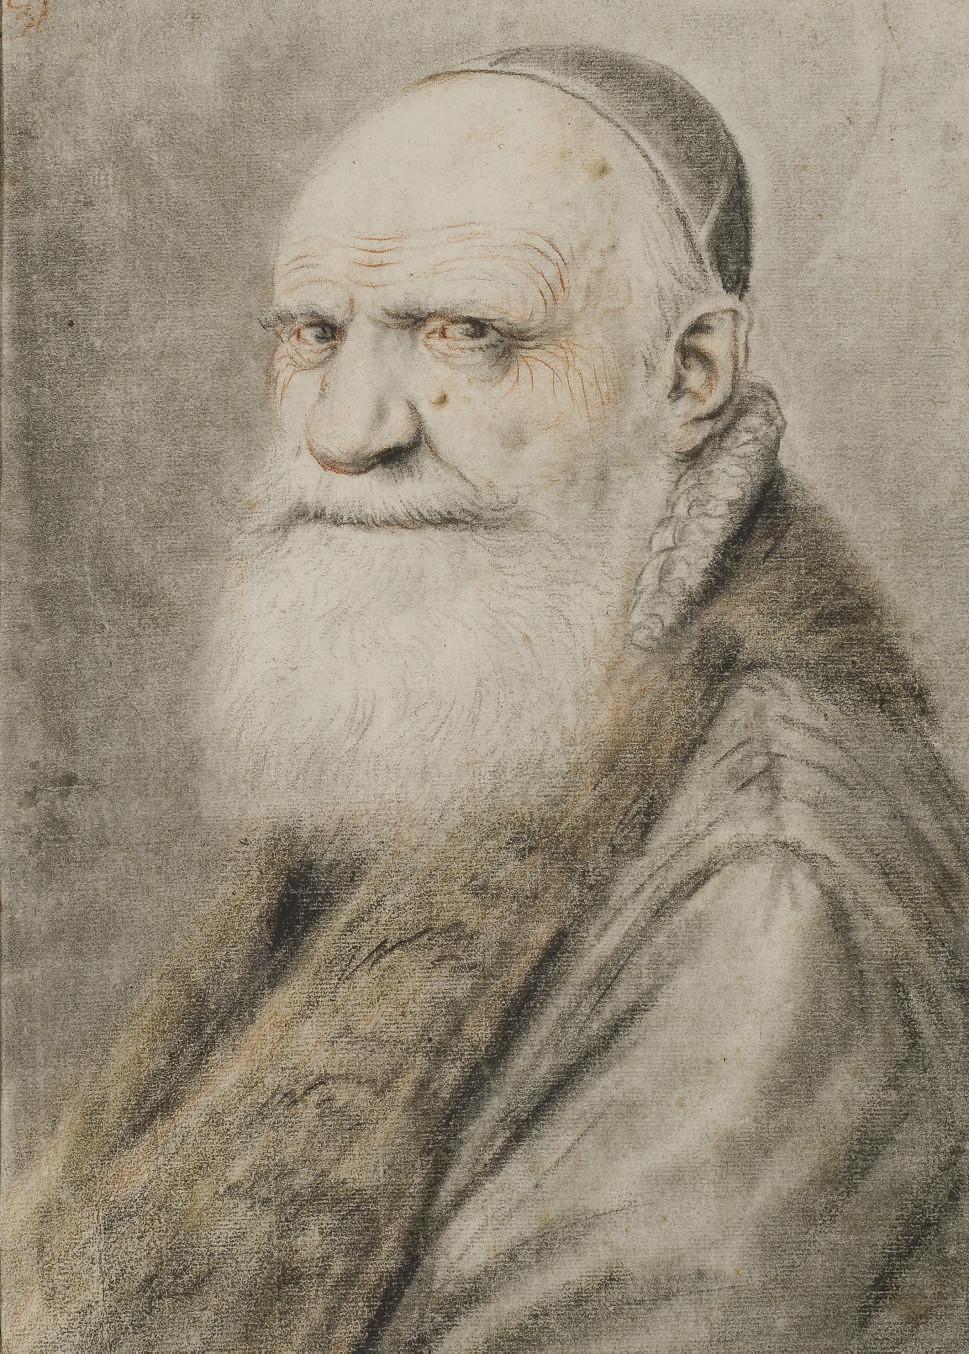 LAGNEAU (CIRCA 1590-CIRCA 1666